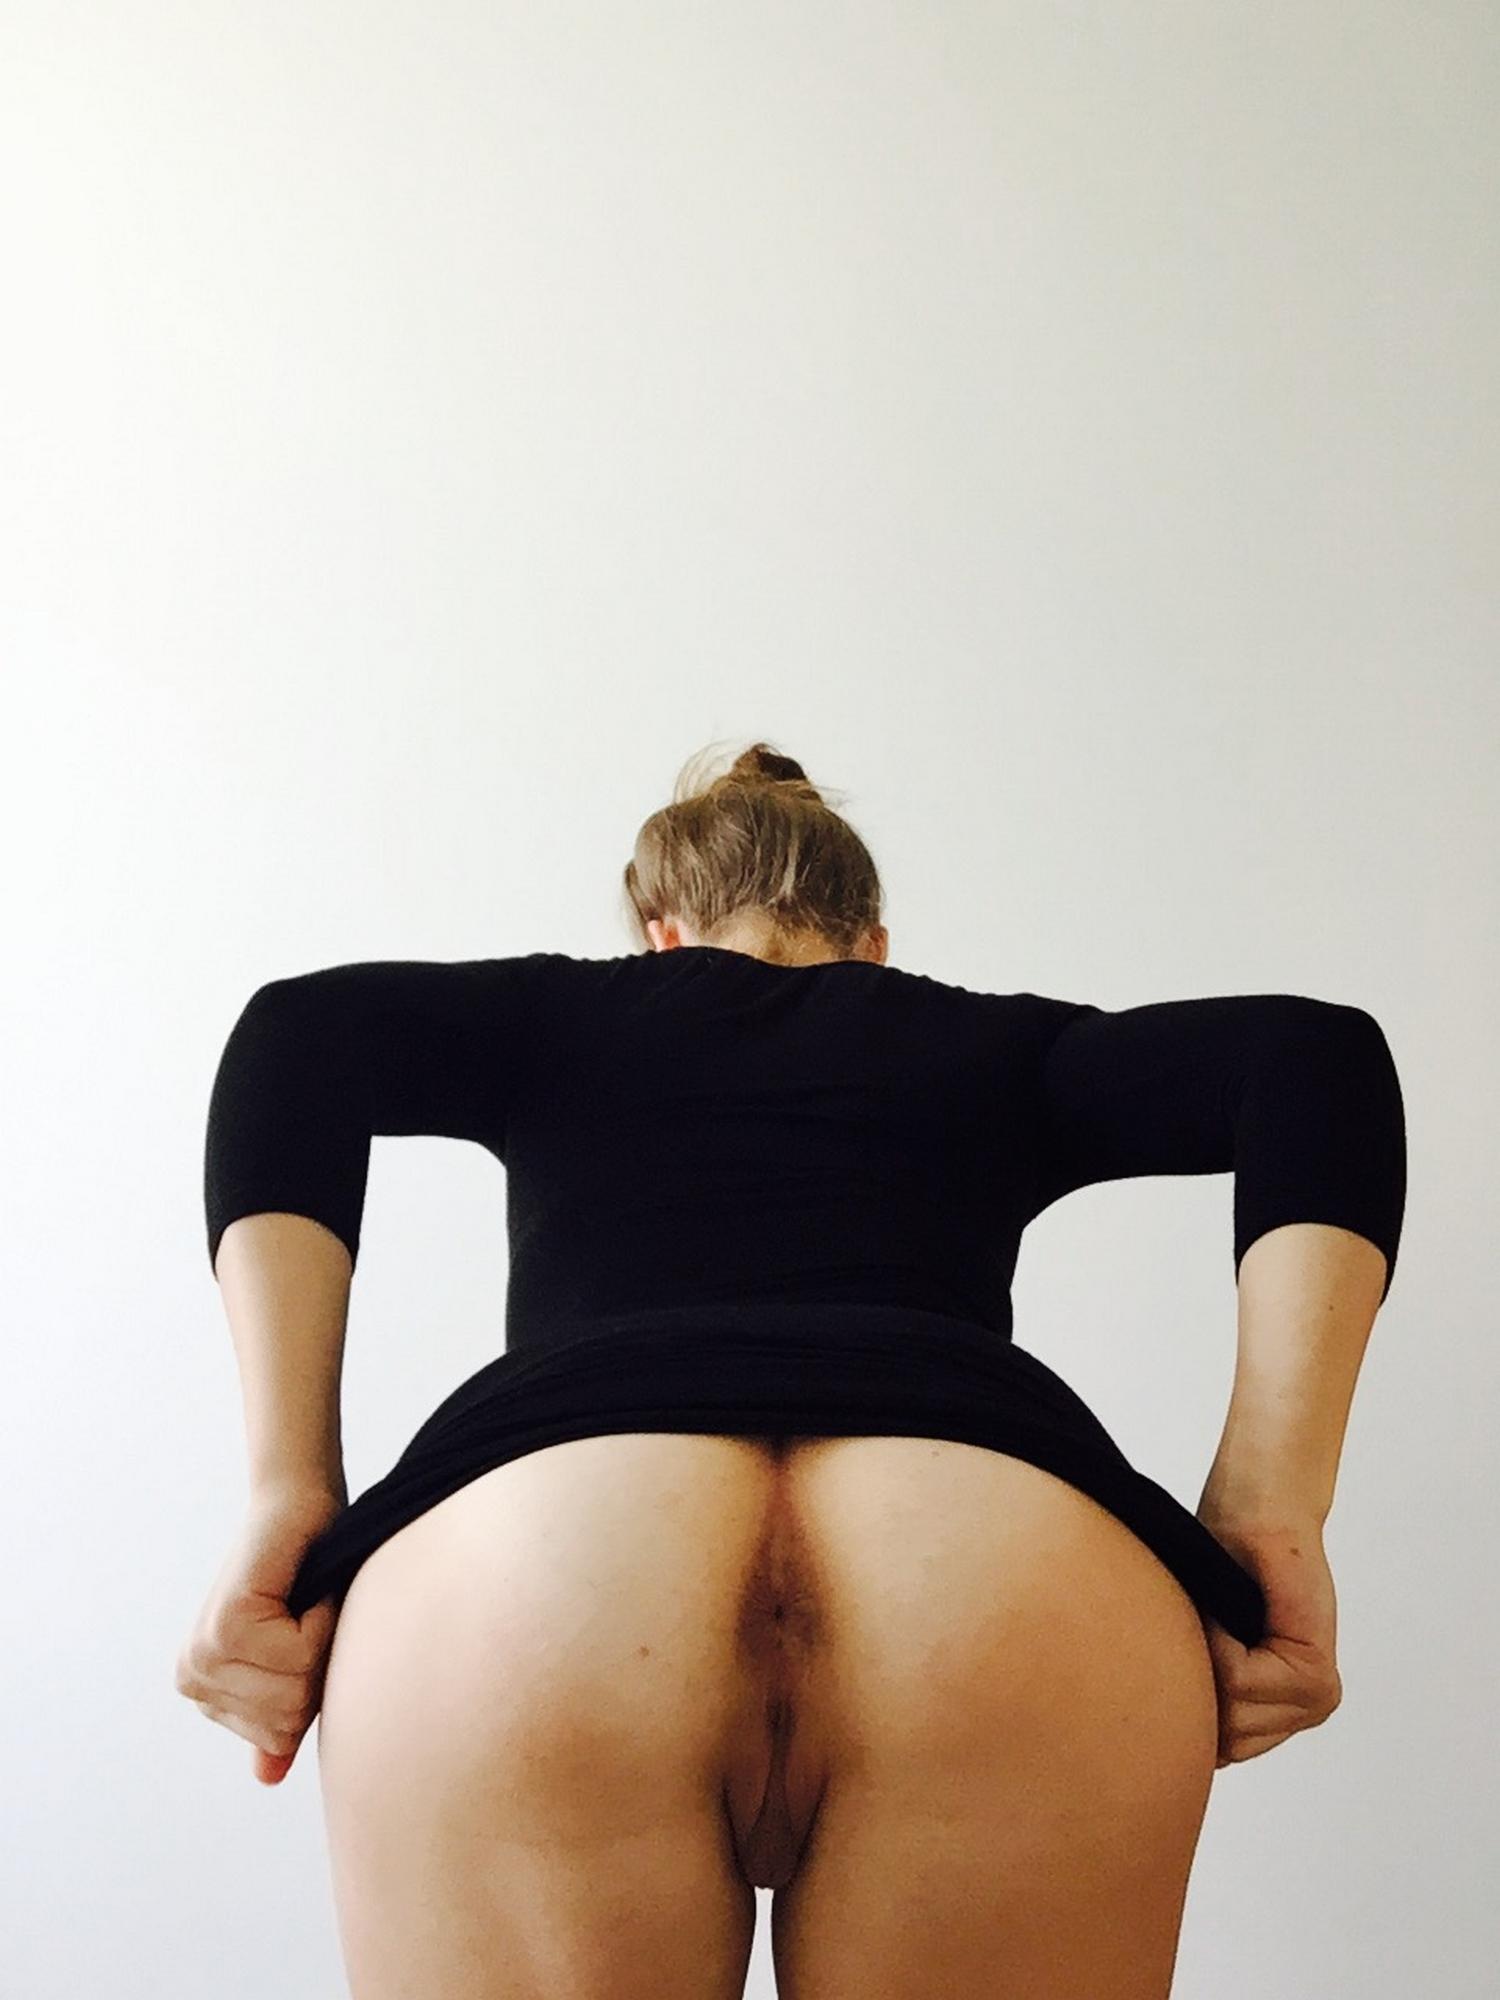 Загорелая блогерша делится домашней обнаженкой 9 фото